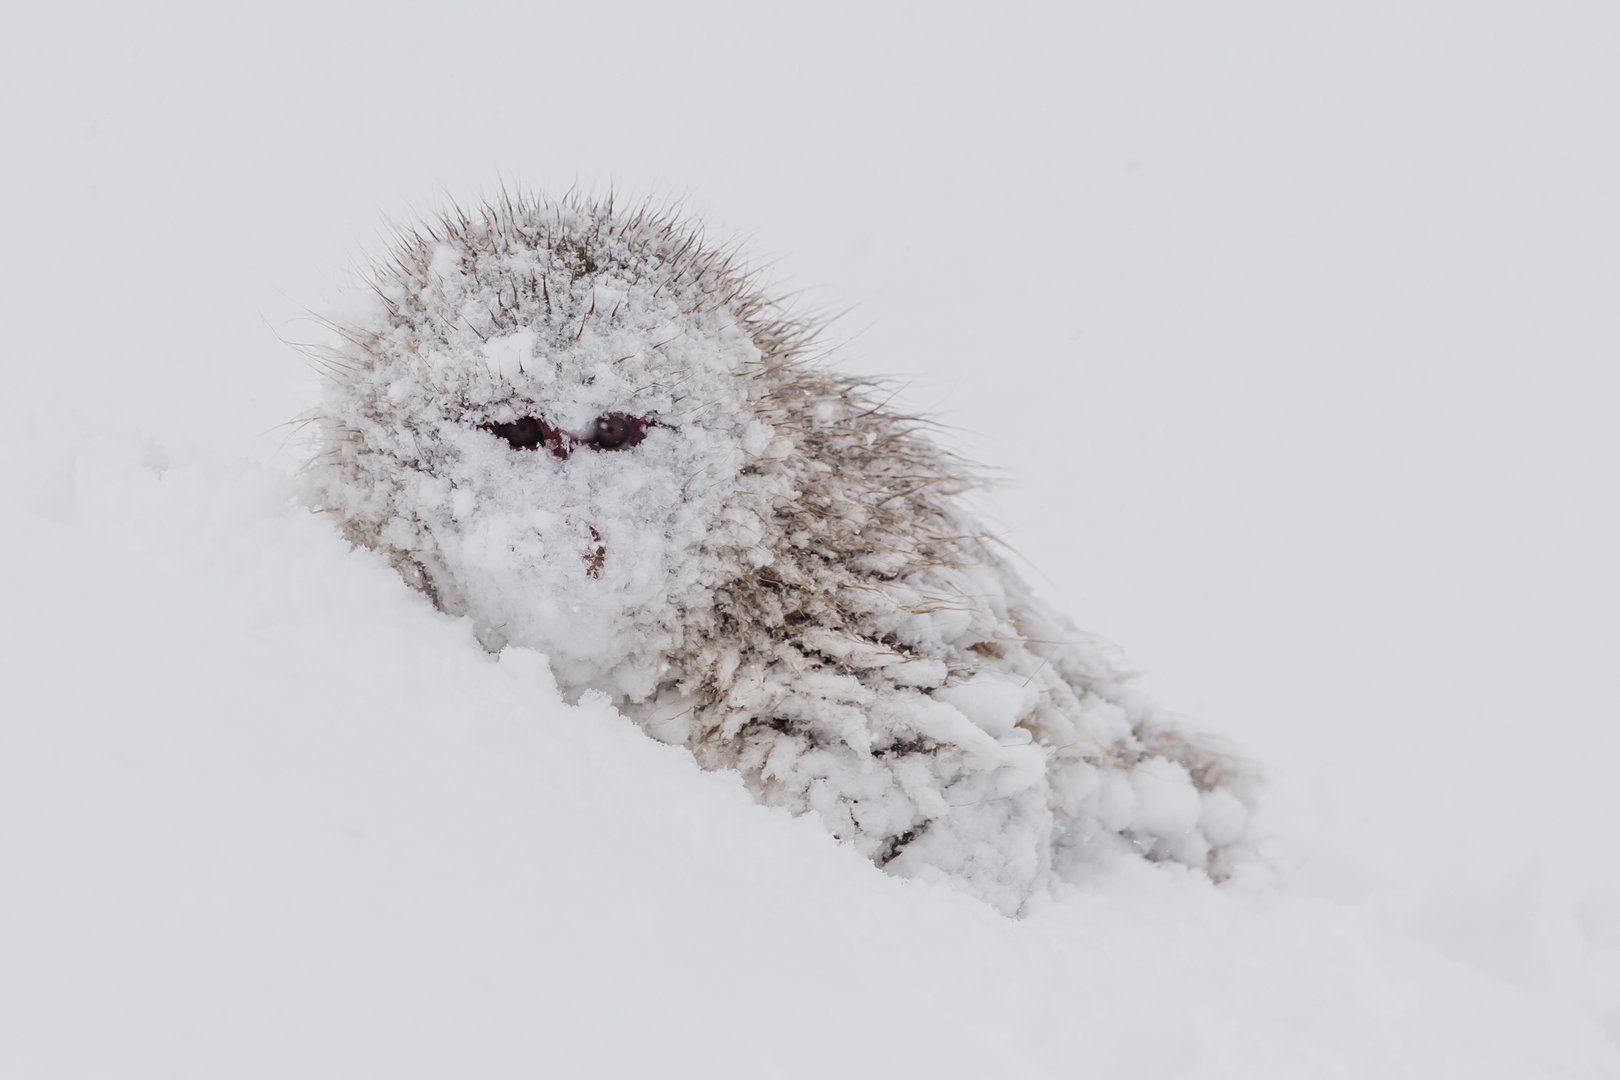 обезьяна, япония, макака, снег, Роман Мурушкин